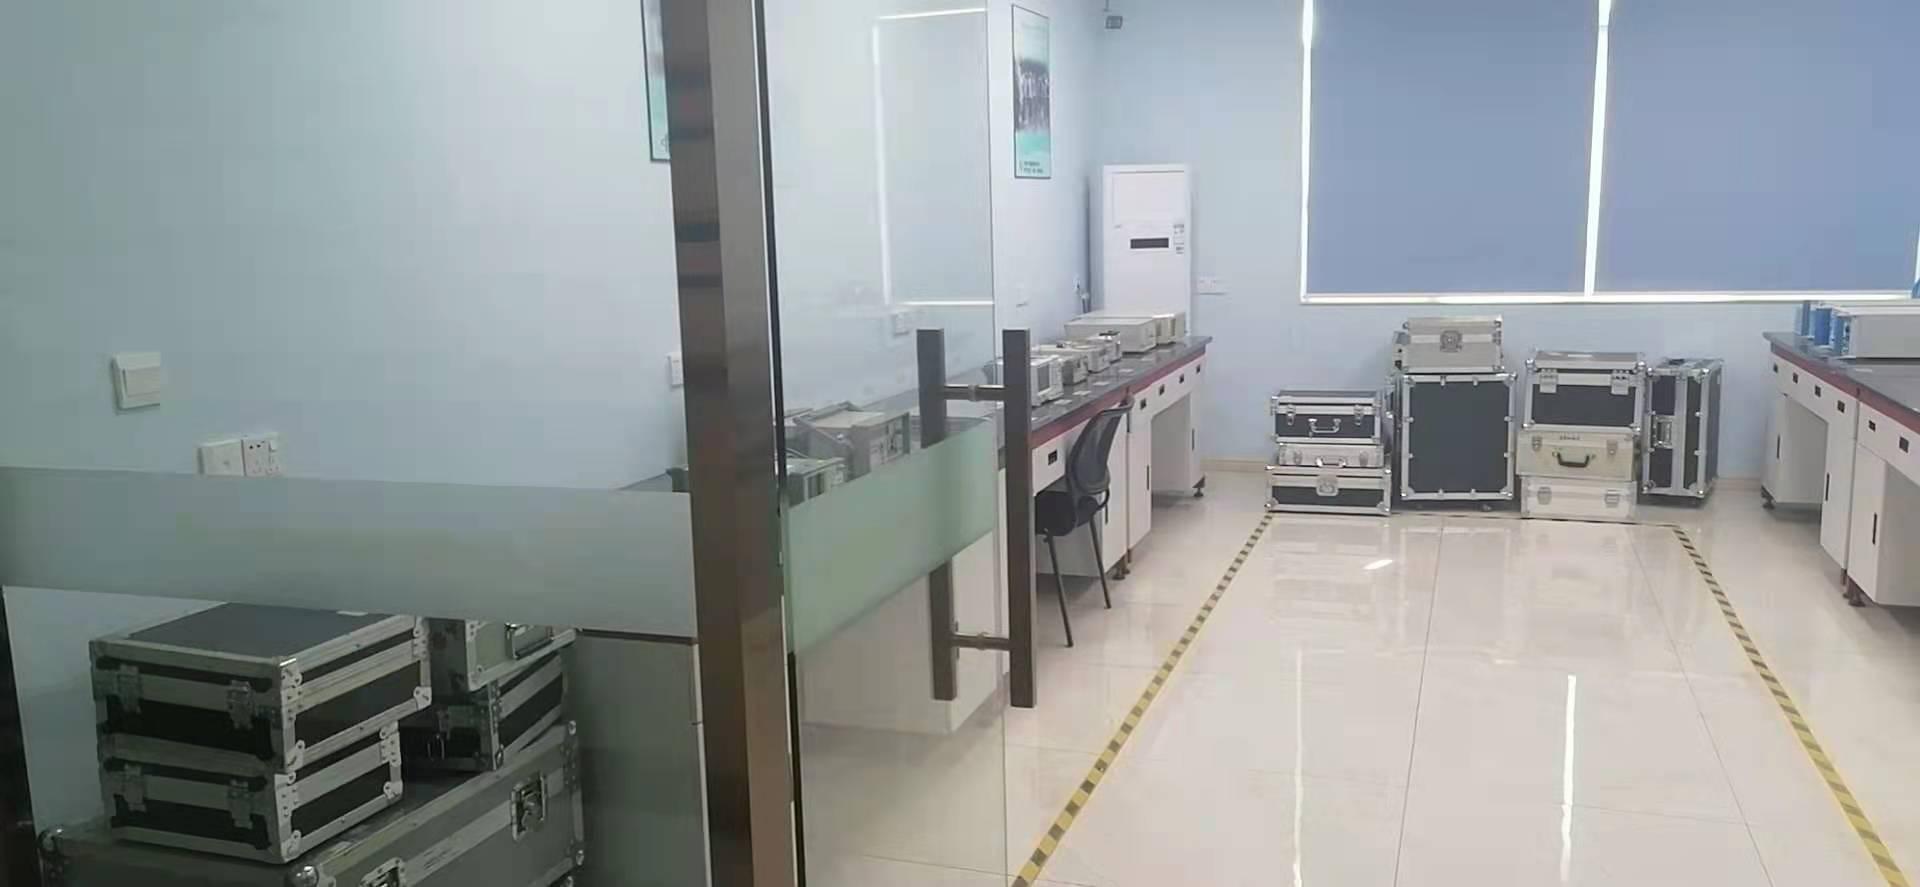 常州金坛计量检测第三方校正中心-电器类仪器校准